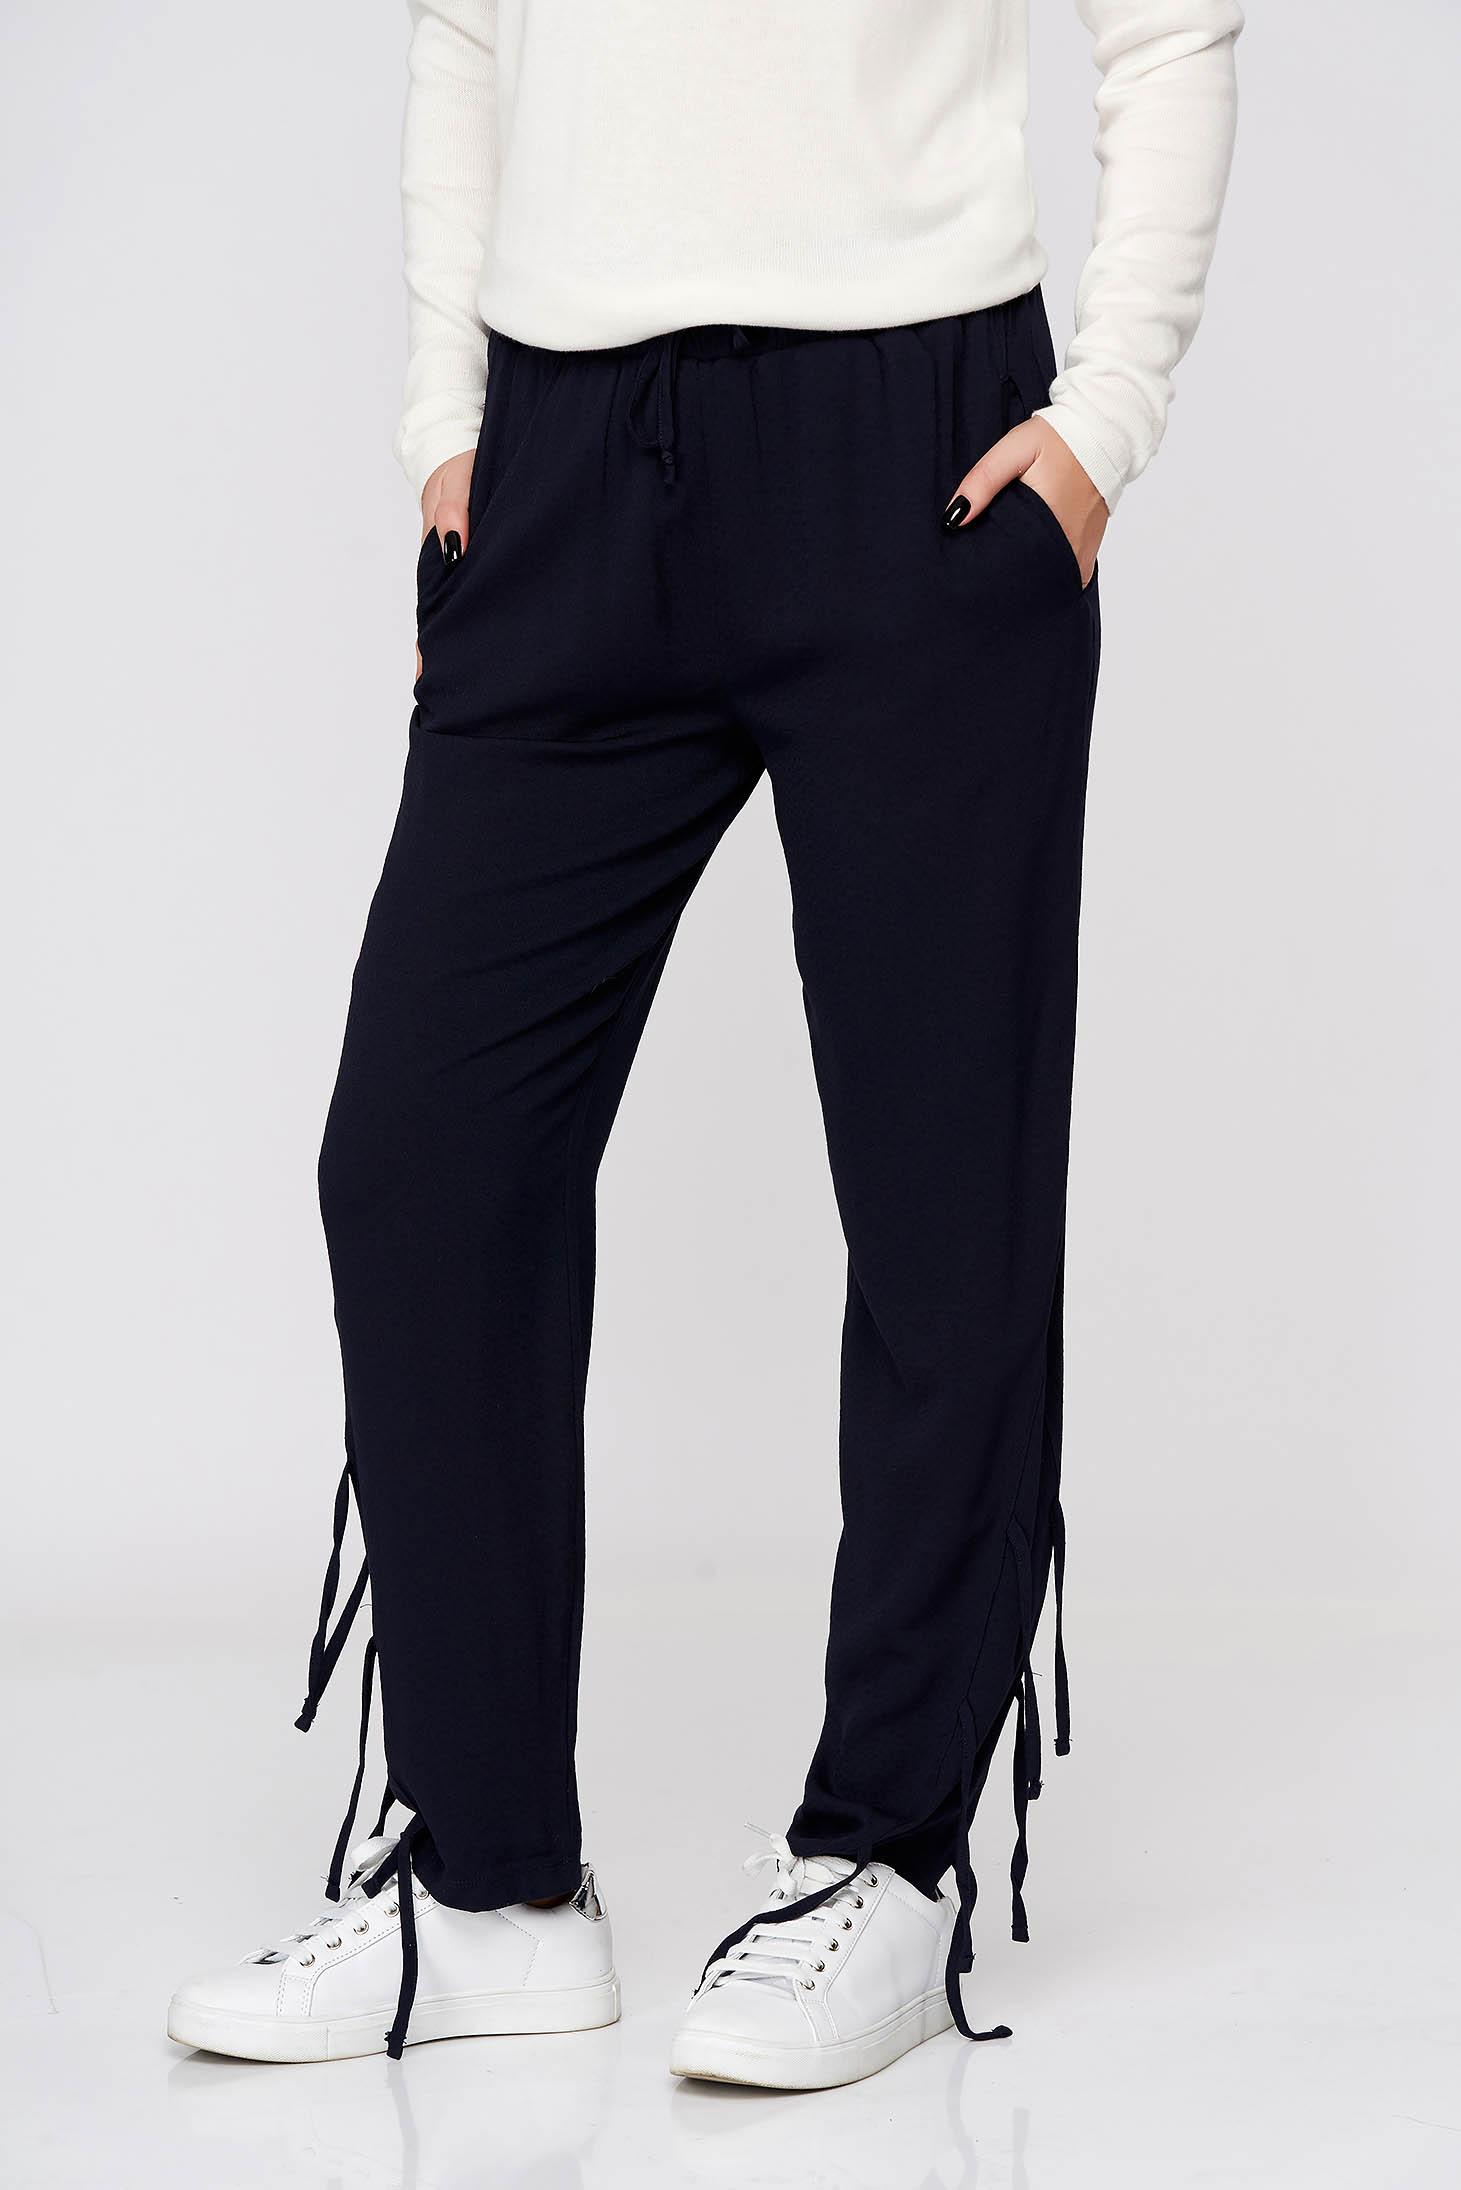 Pantaloni Top Secret albastru-inchis cu croi larg si talie inalta din material vaporos cu elastic in talie accesorizati cu snur